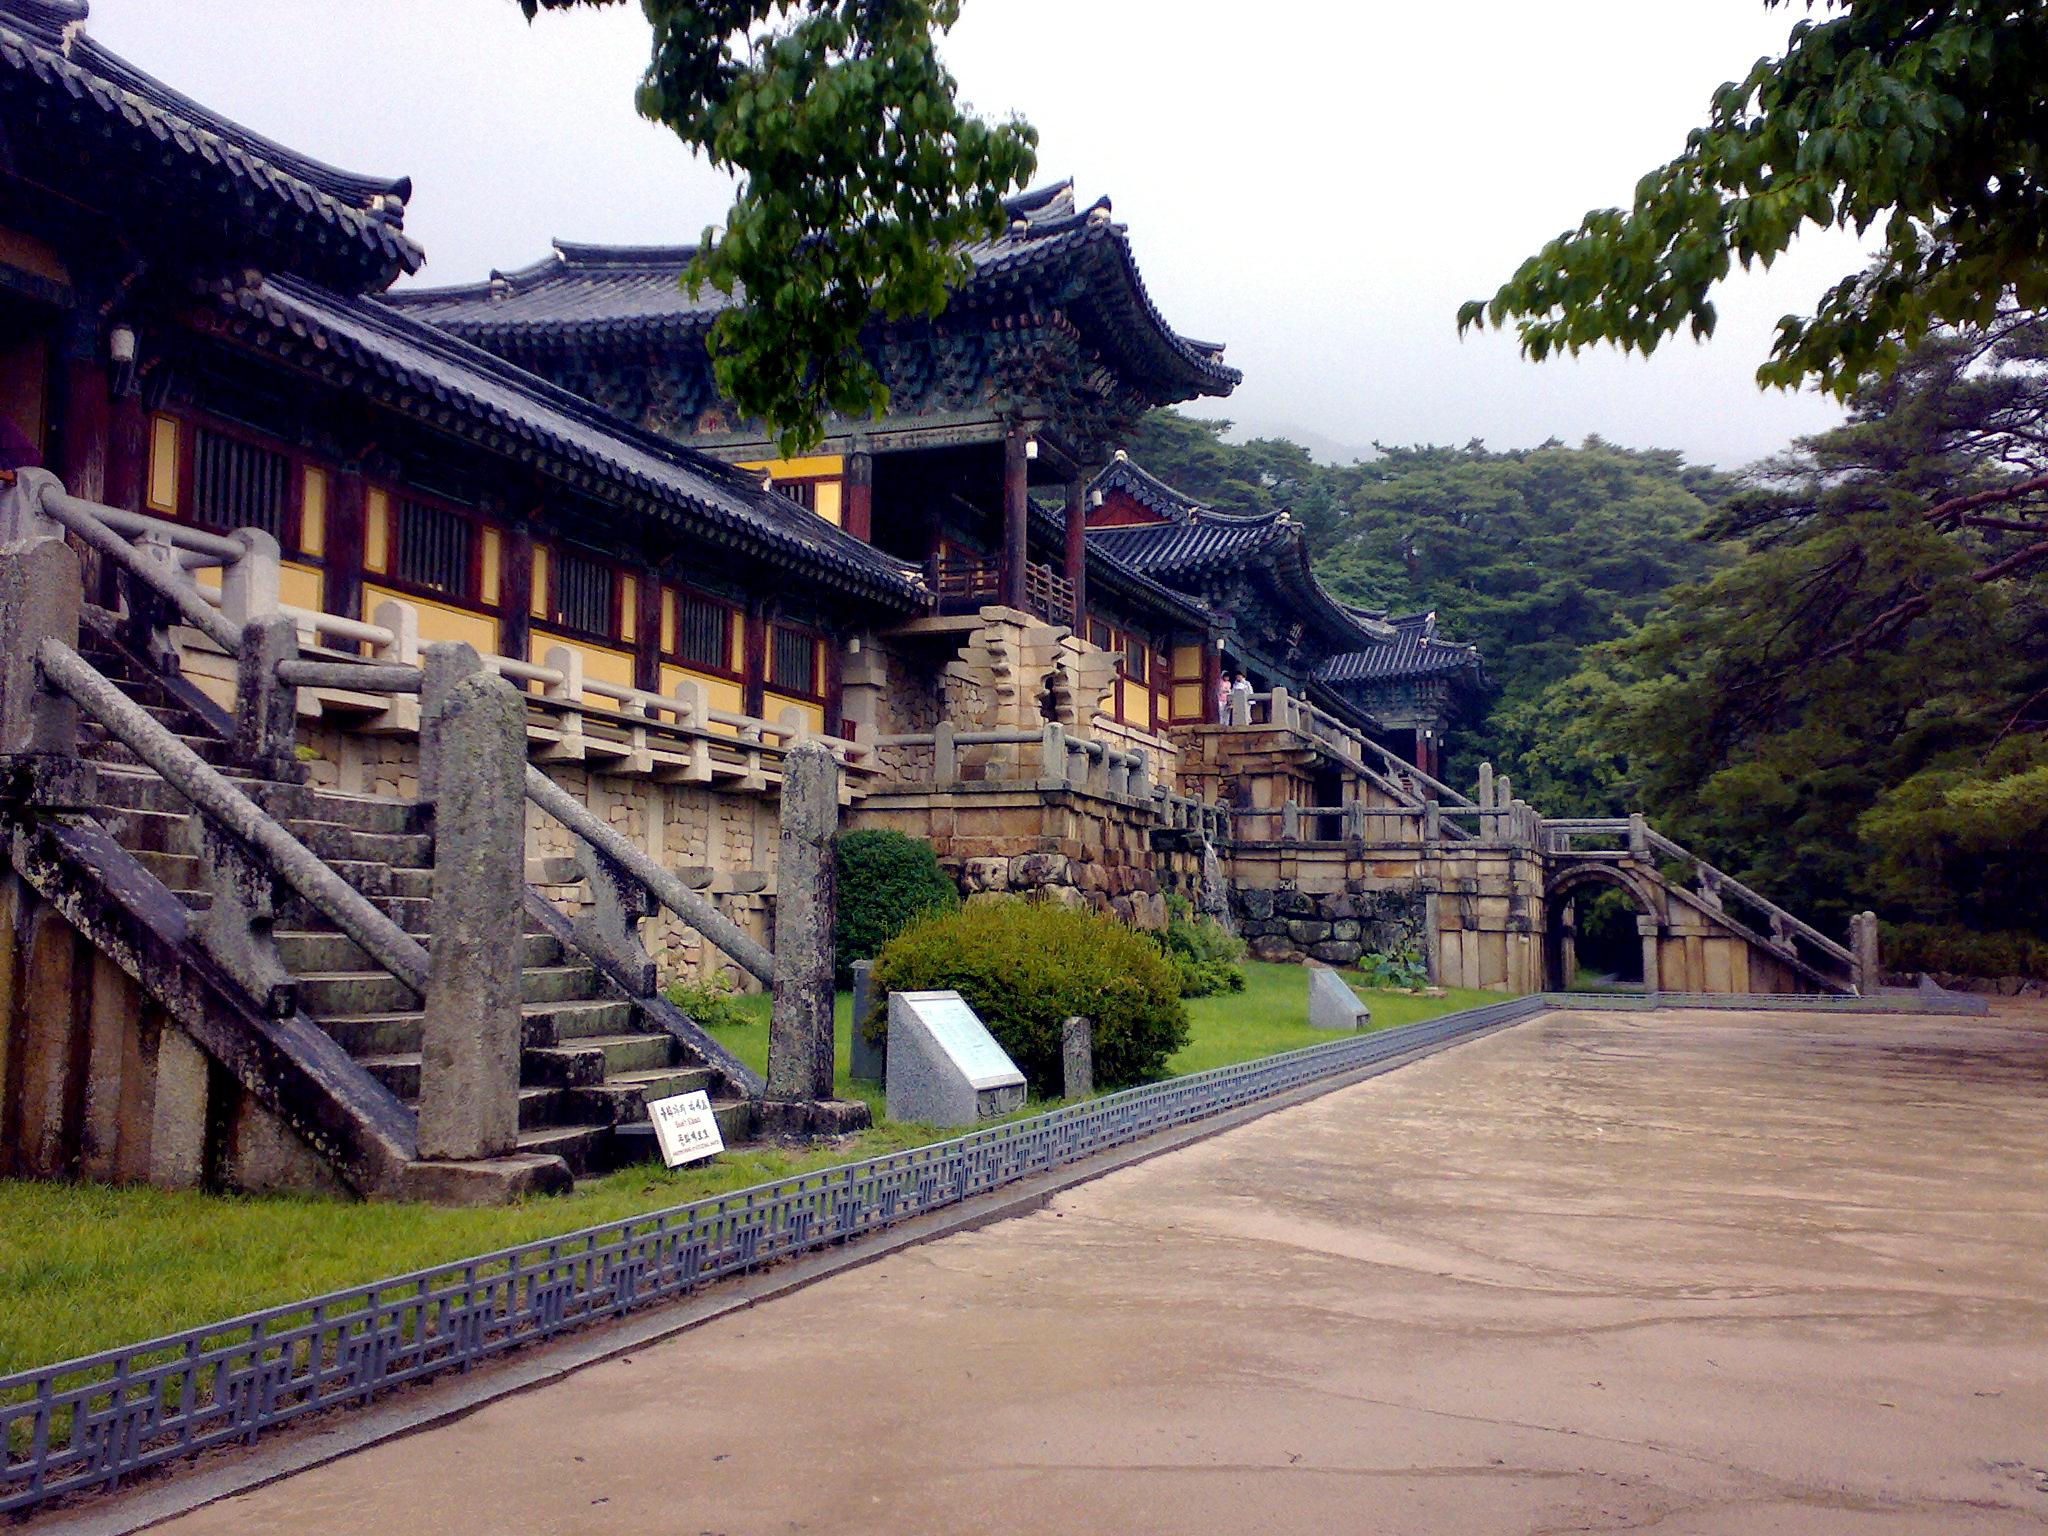 仏国寺の画像 p1_30